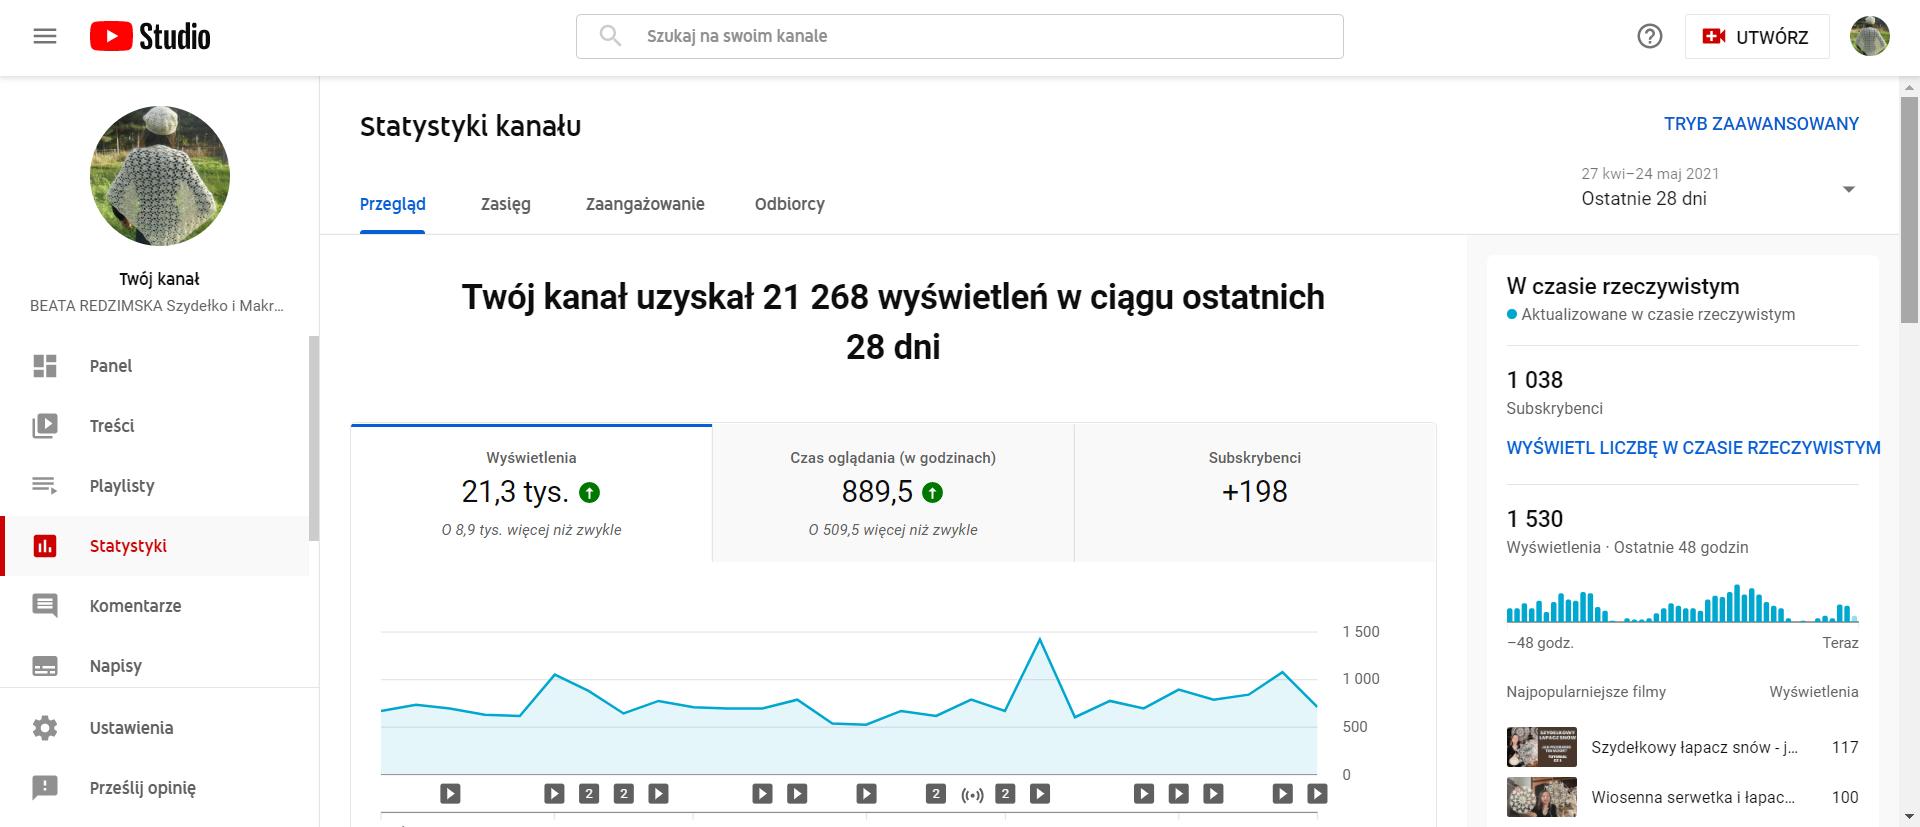 Jak zdobyłam 1000 subskrypcji w YouTube